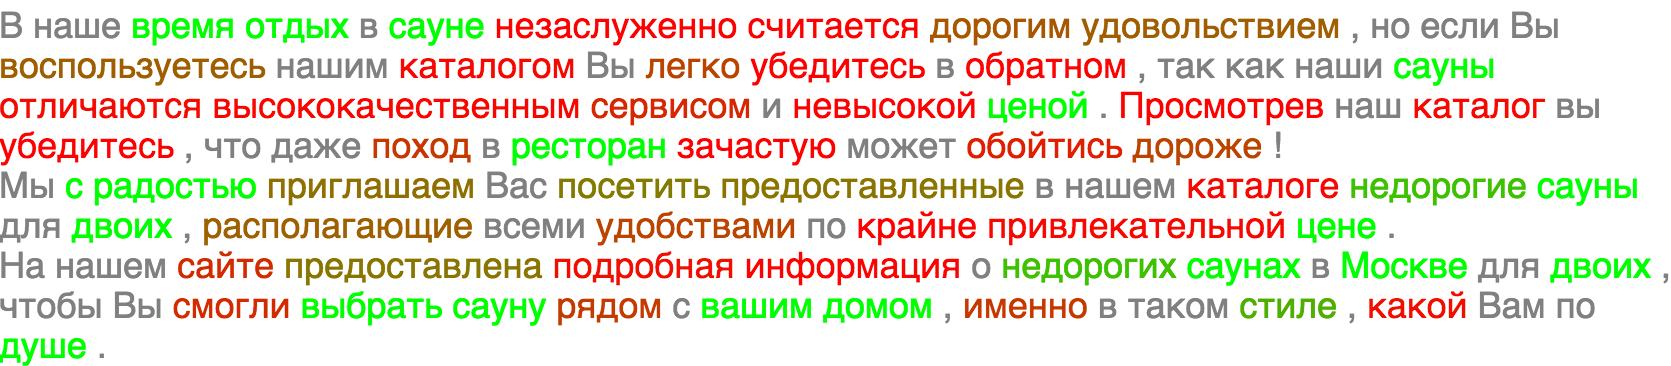 Пример анализа фрагмента текста по сложному для предыдущего метода запросу «сауна на двоих»